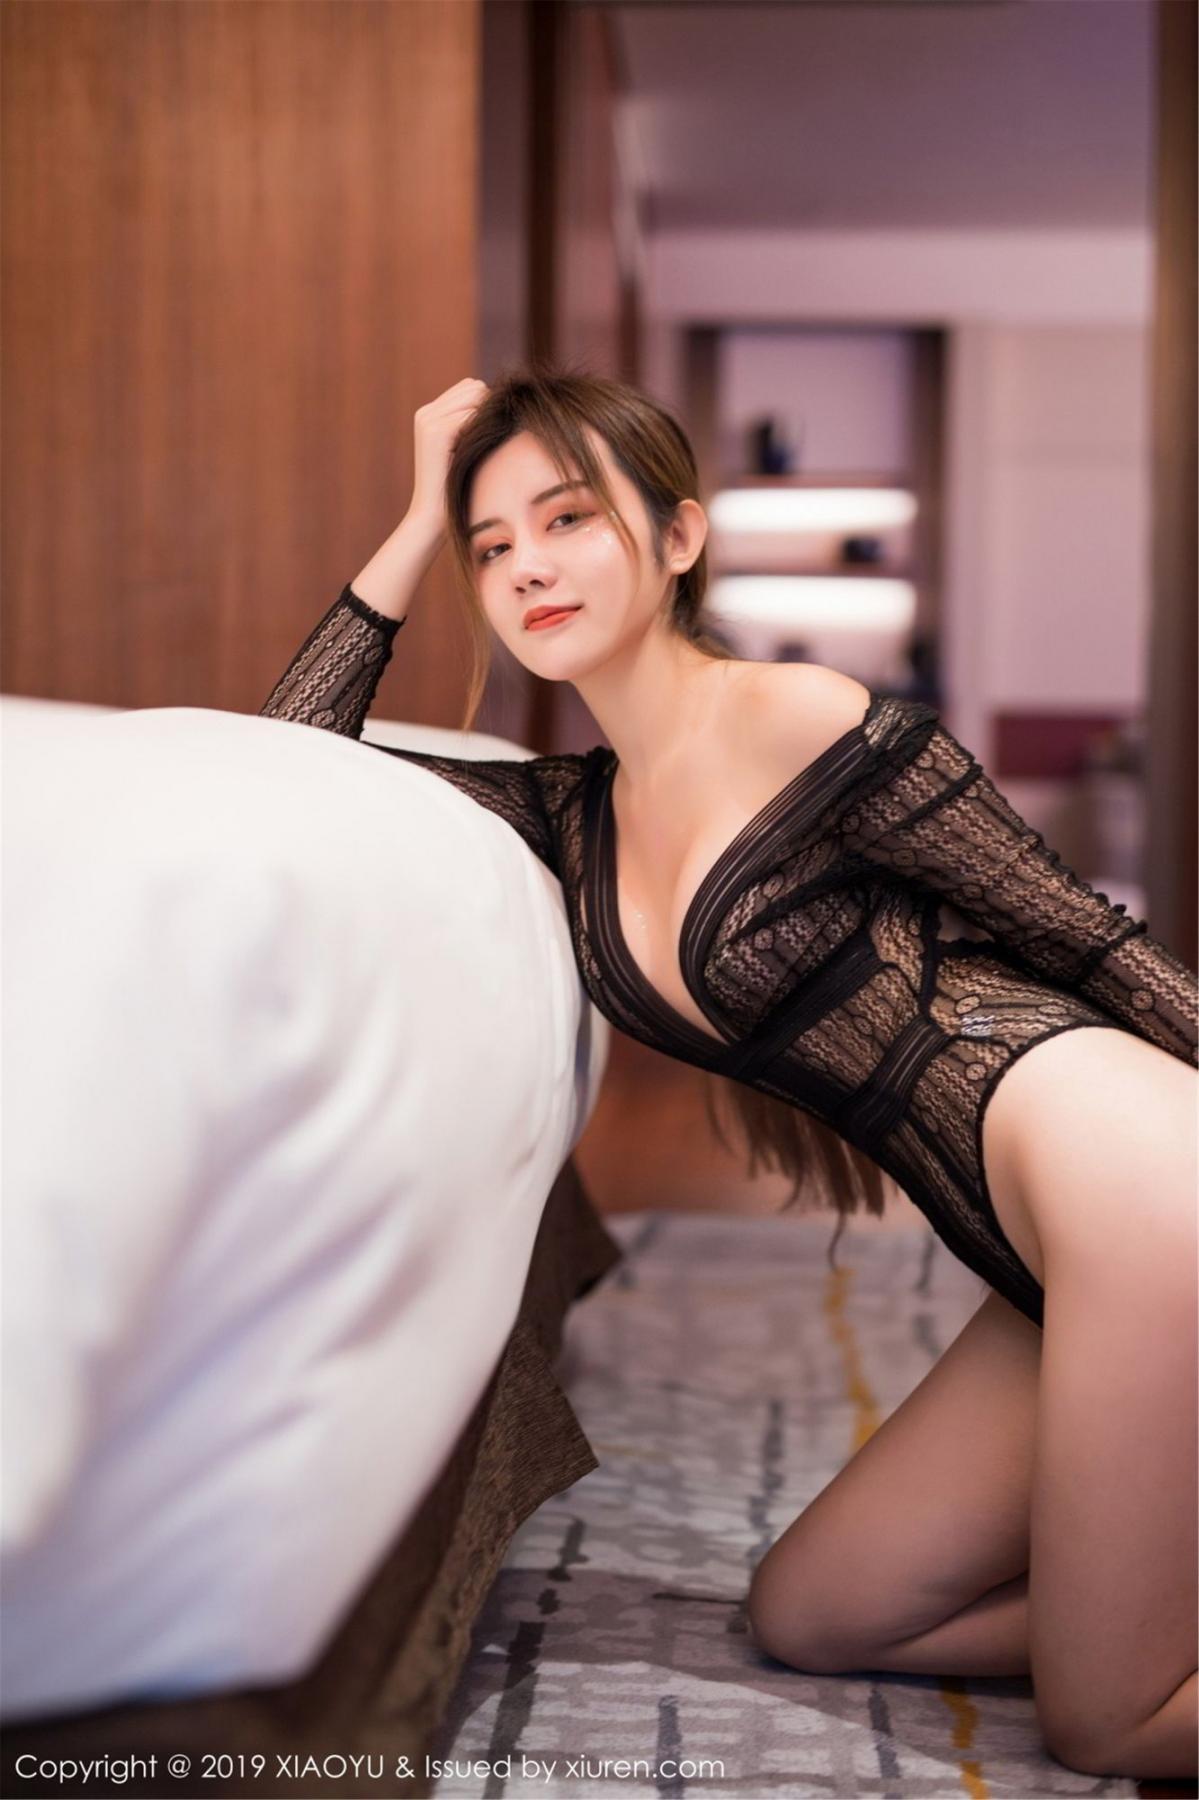 [XiaoYu] Vol.064 Zhuo Ya Qi 3P, Sexy, XiaoYu, Zhuo Ya Qi